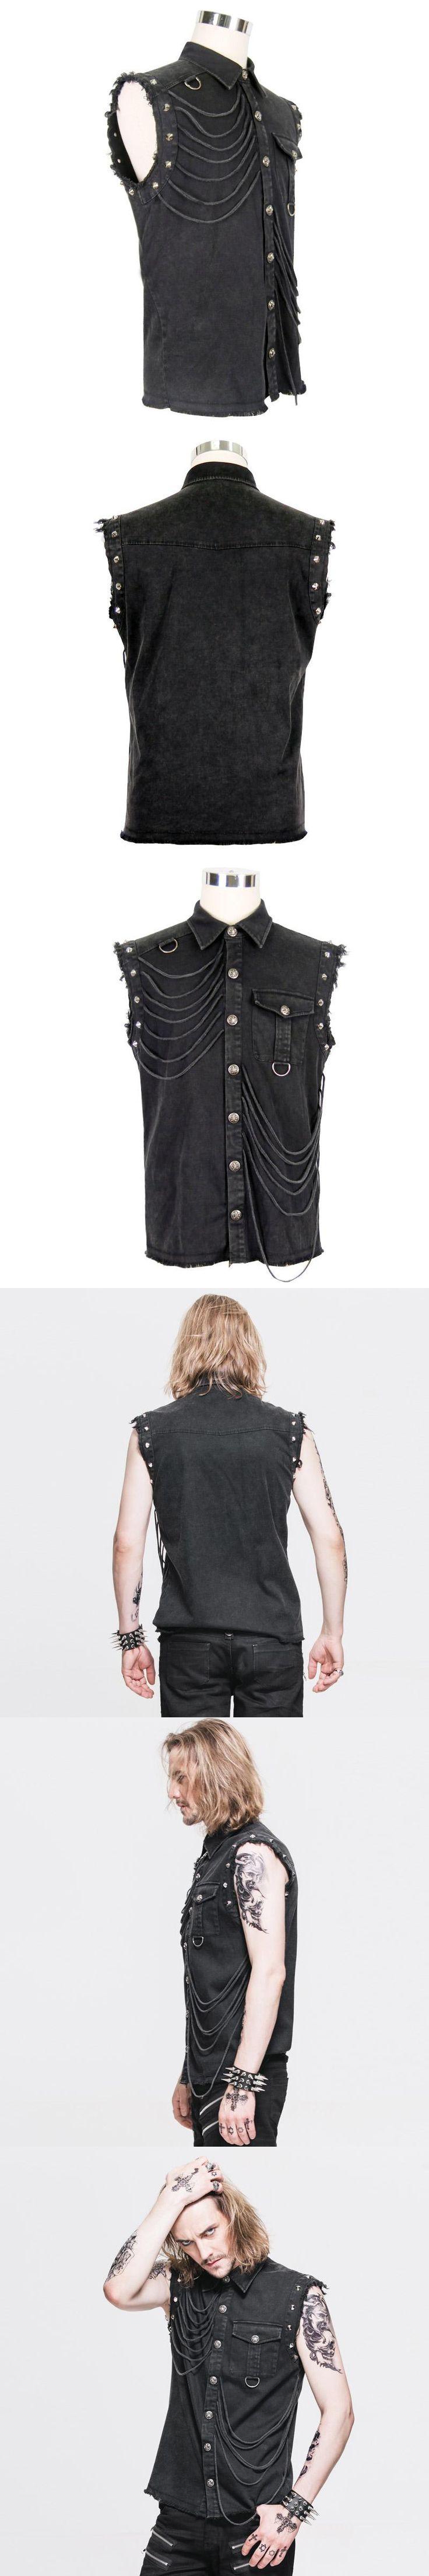 30 besten Mode Bilder auf Pinterest   Jacken, Mein stil und Männermode